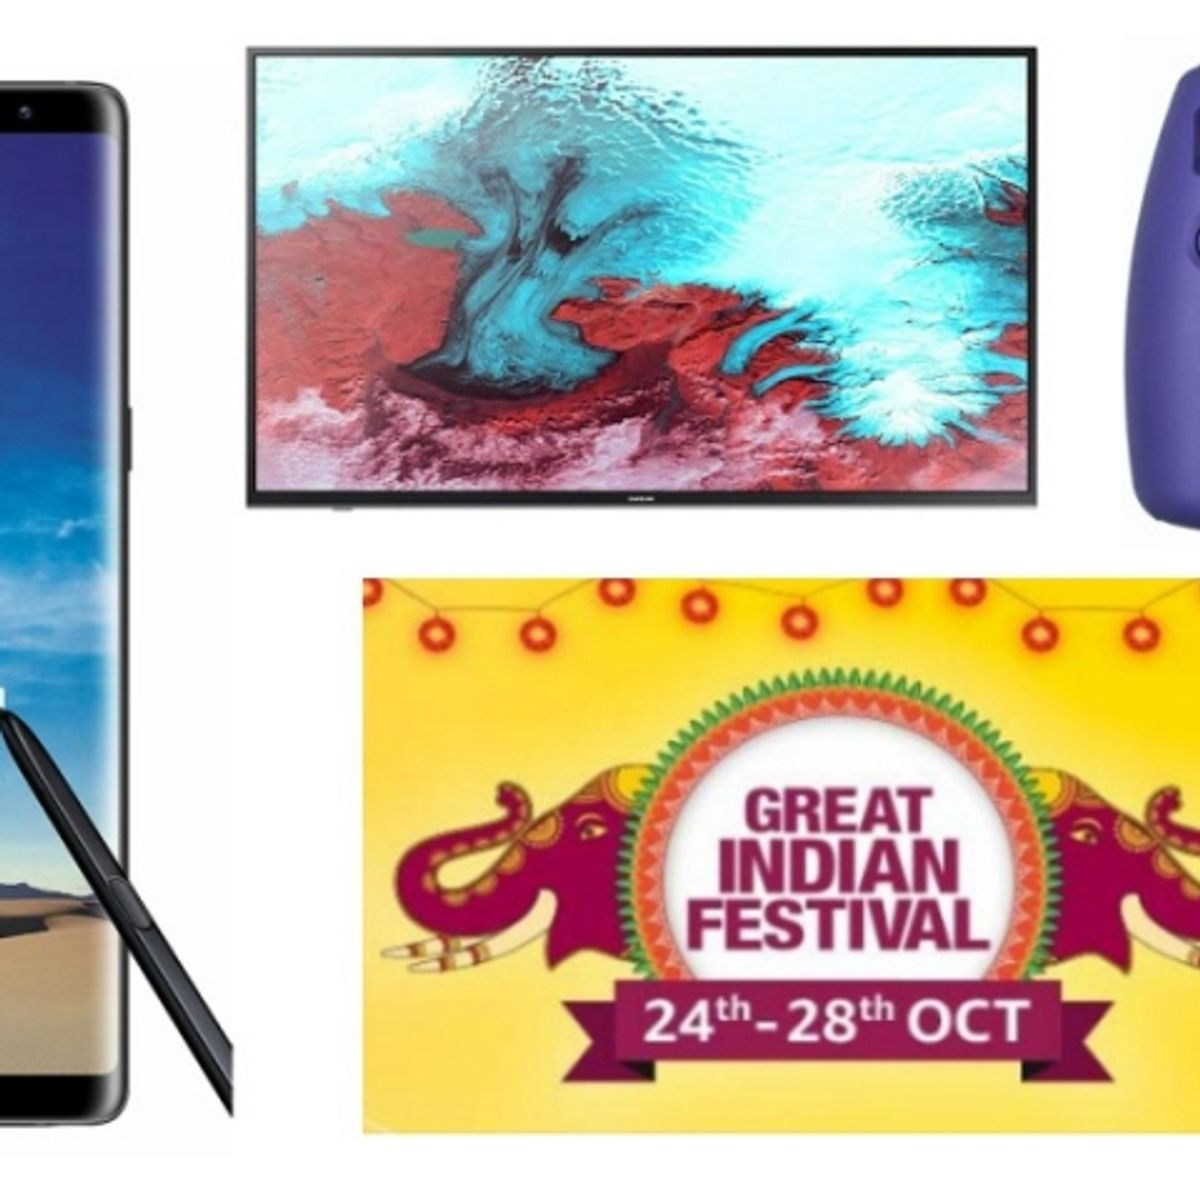 Amazon Great Indian Festival Sale: Top 10 tech deals | Digit